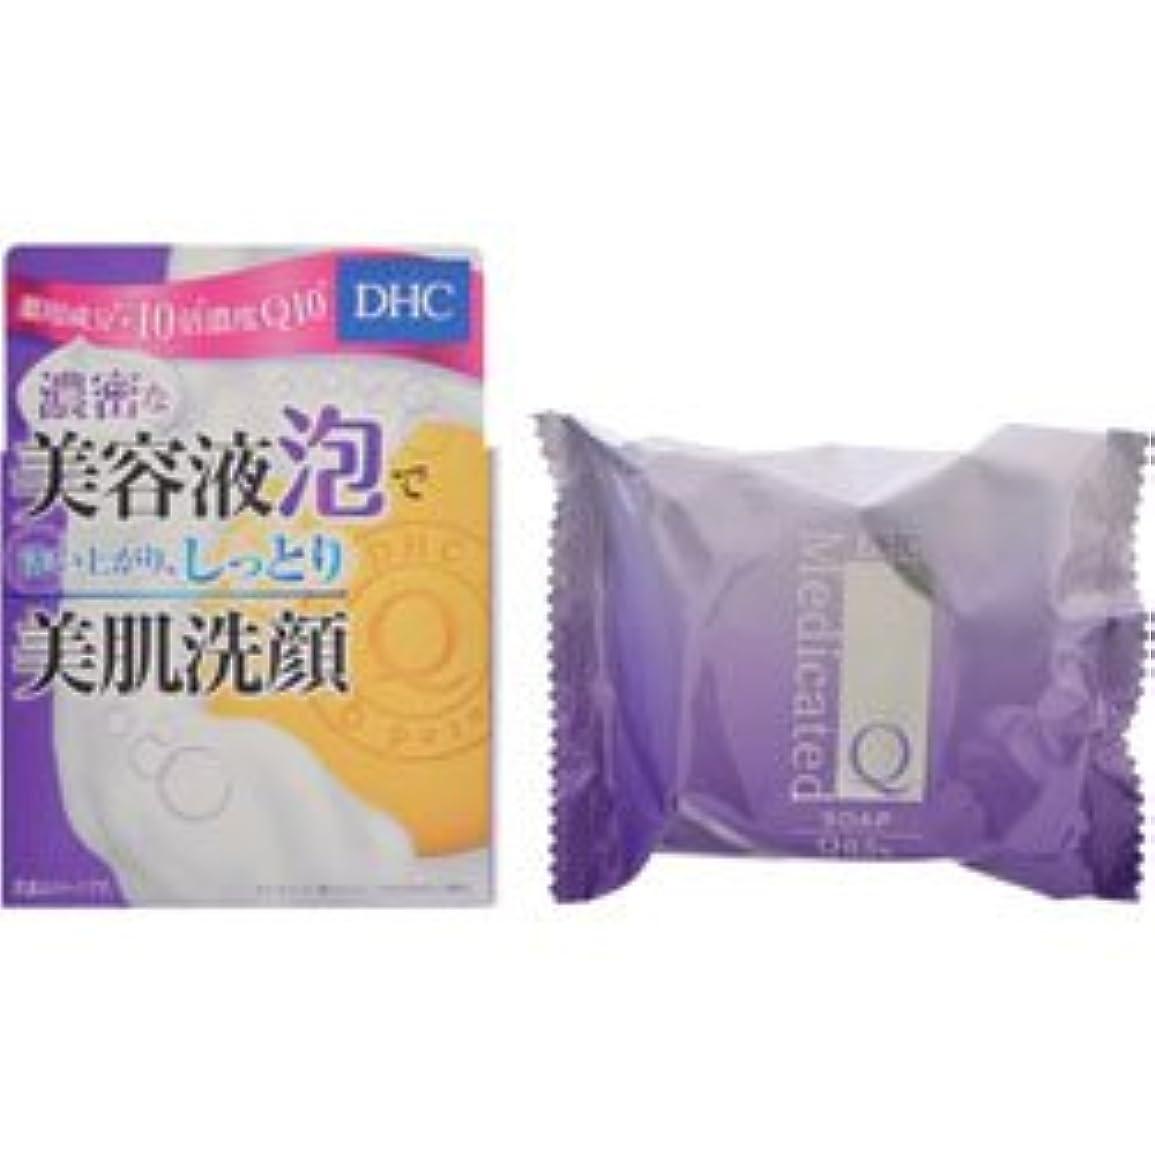 医学クロニクルリング【DHC】DHC 薬用Qソープ SS 60g ×20個セット